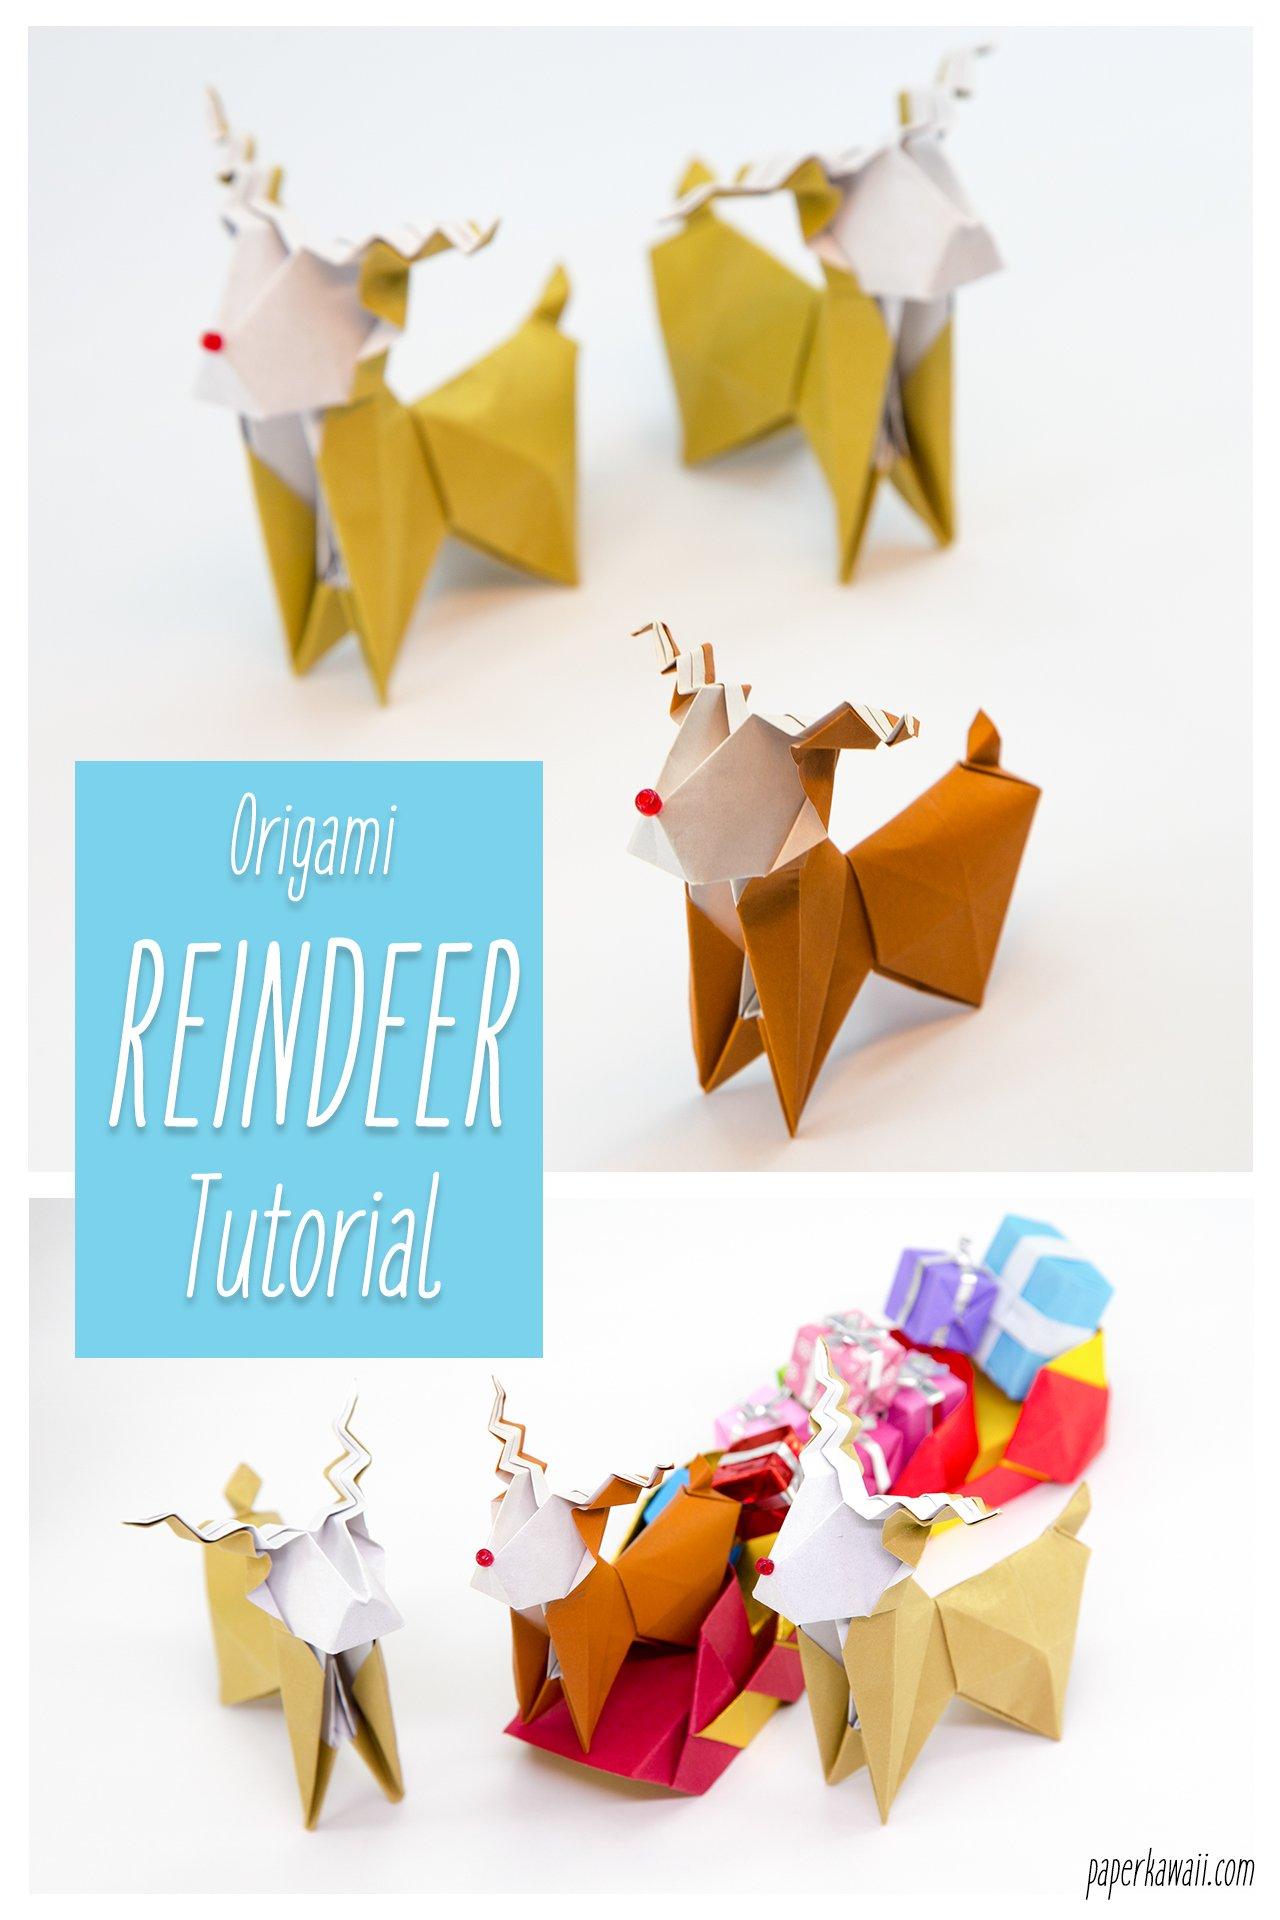 origami reindeer tutorial paper kawaii 12?resize\=988%2C1482\&ssl\=1 origami reindeer diagram wiring diagram master blogs \u2022